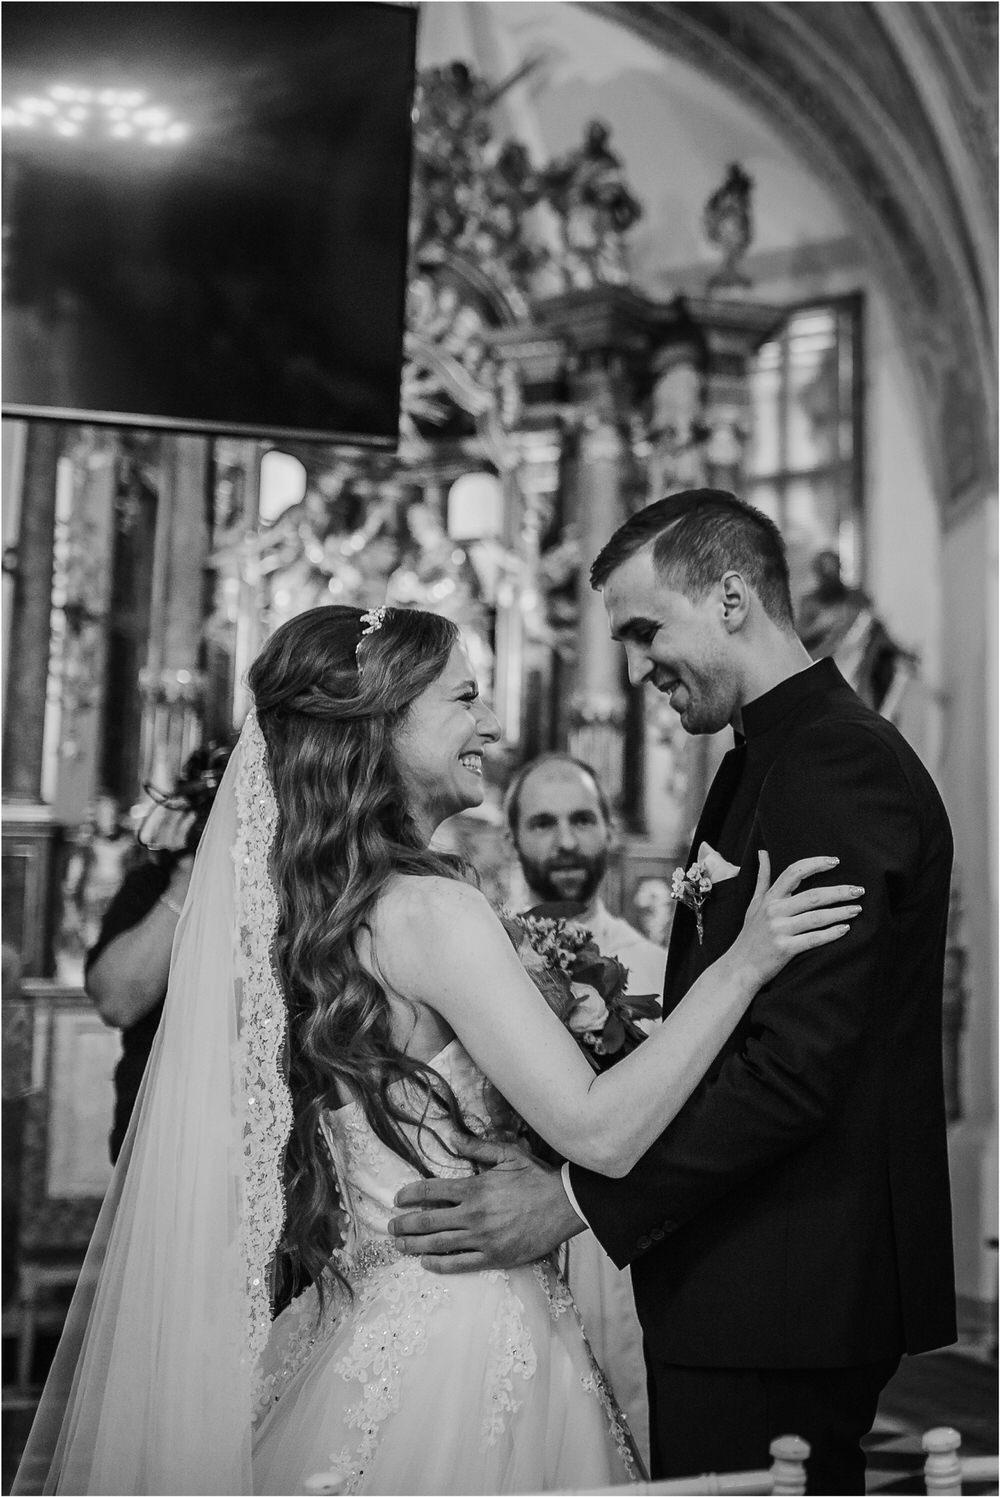 zicka kartuzija poroka porocni fotograf fotografija luka in ben loce elegantna poroka slovenski porocni fotograf  0036.jpg